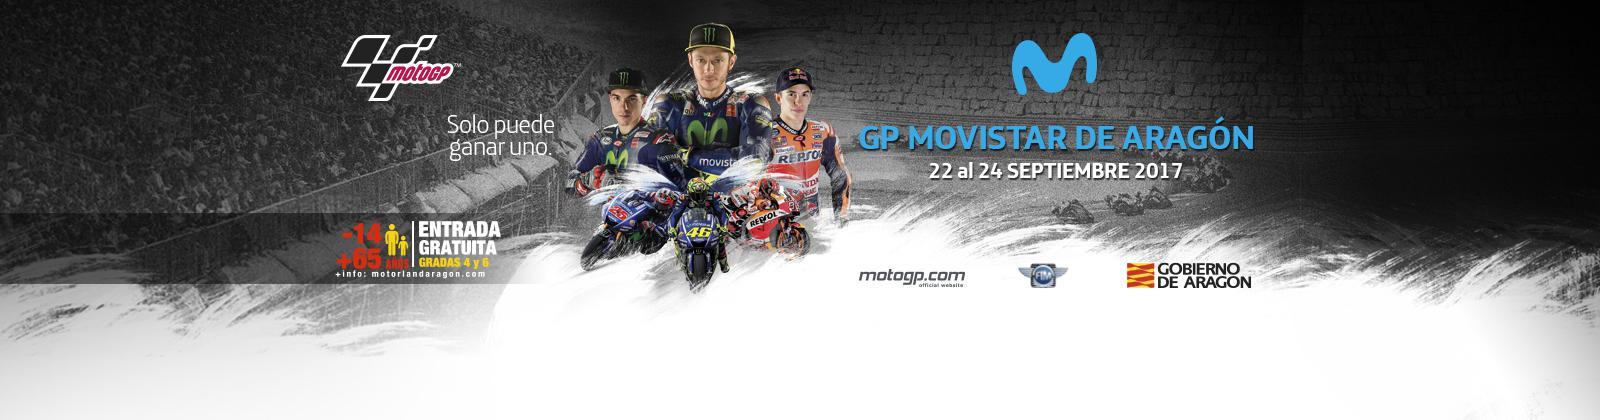 Horarios del Gran Premio de Aragón de MotoGp